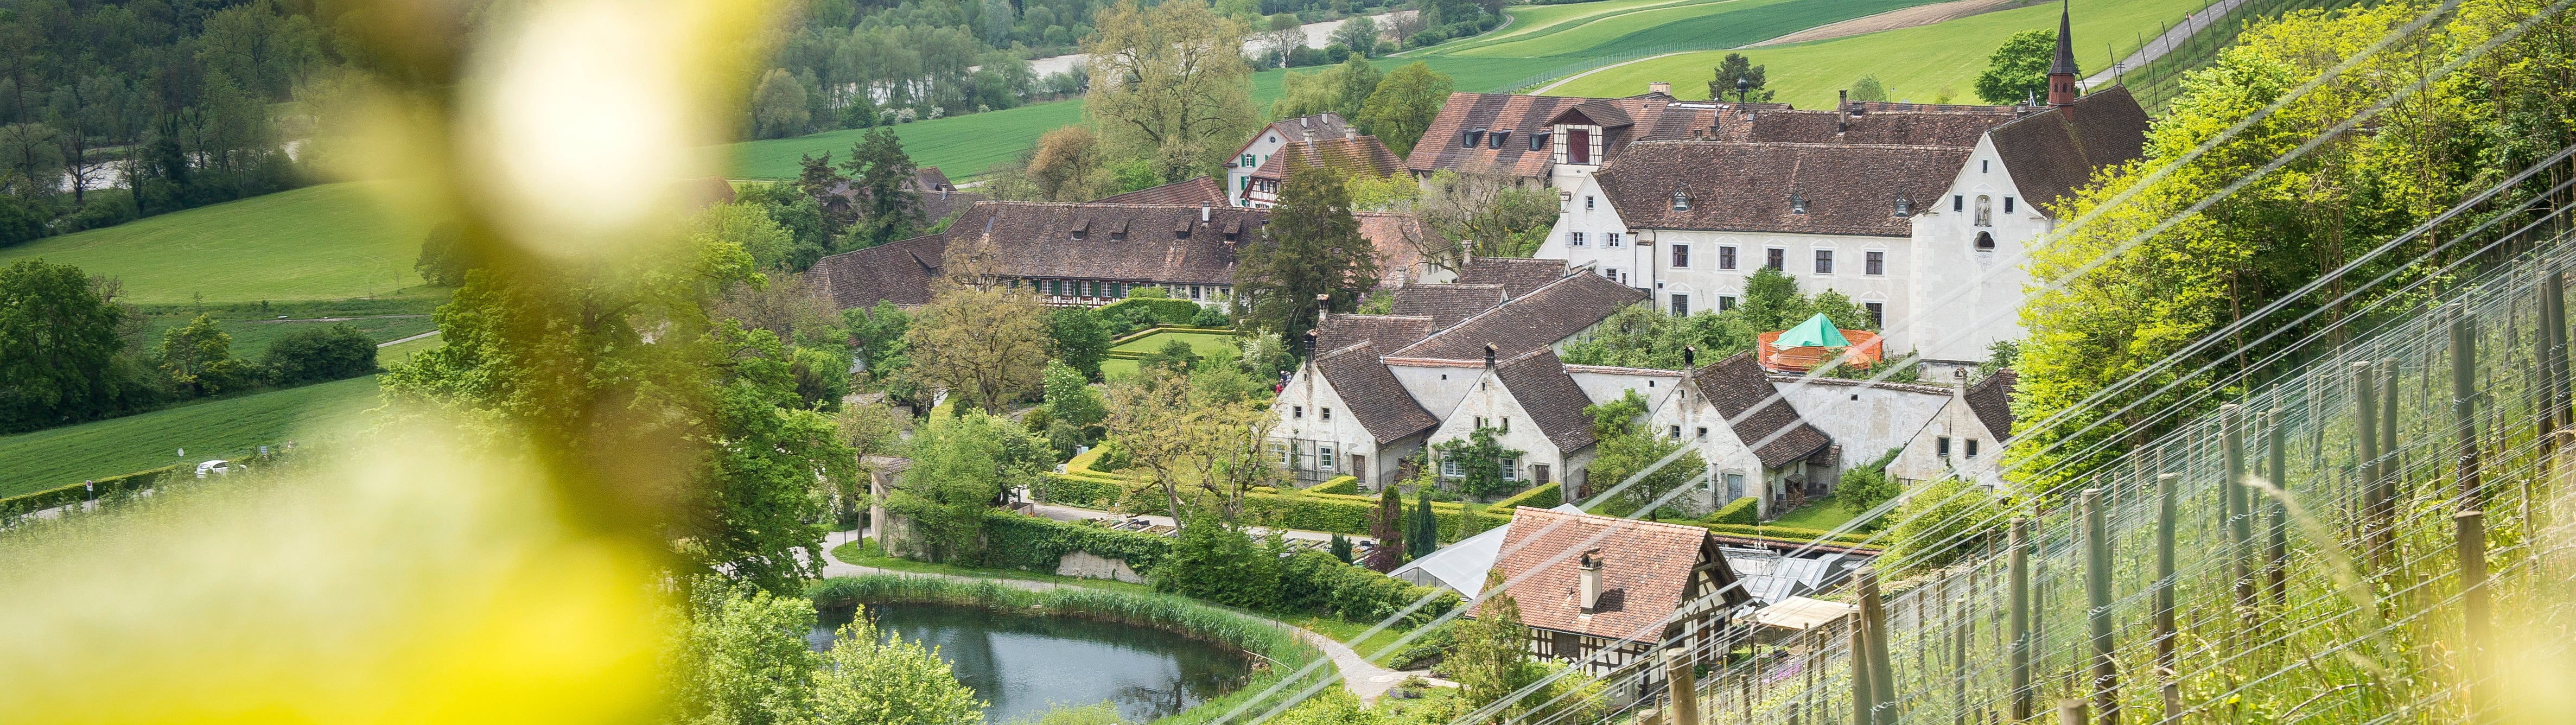 Warth-Weiningen